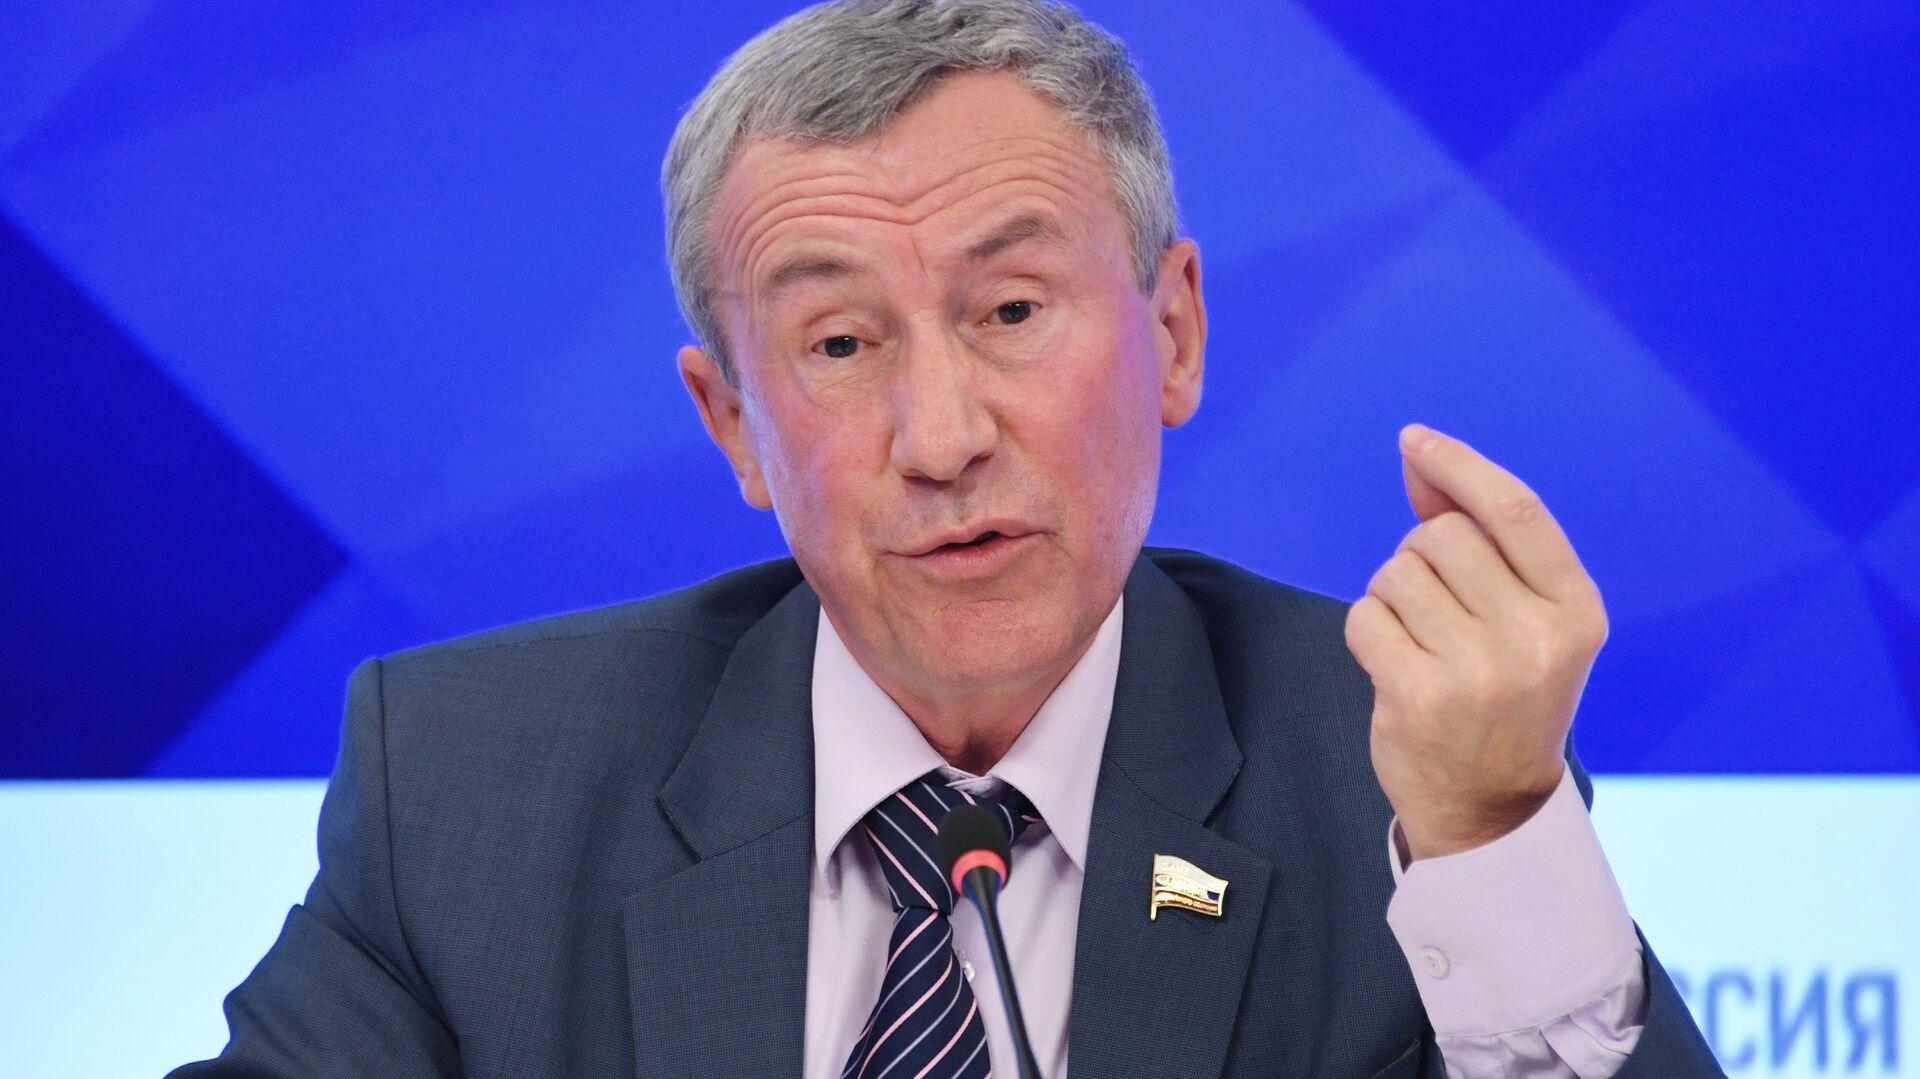 В Совфеде предупредили о риске провокаций за две недели до выборов в Думу